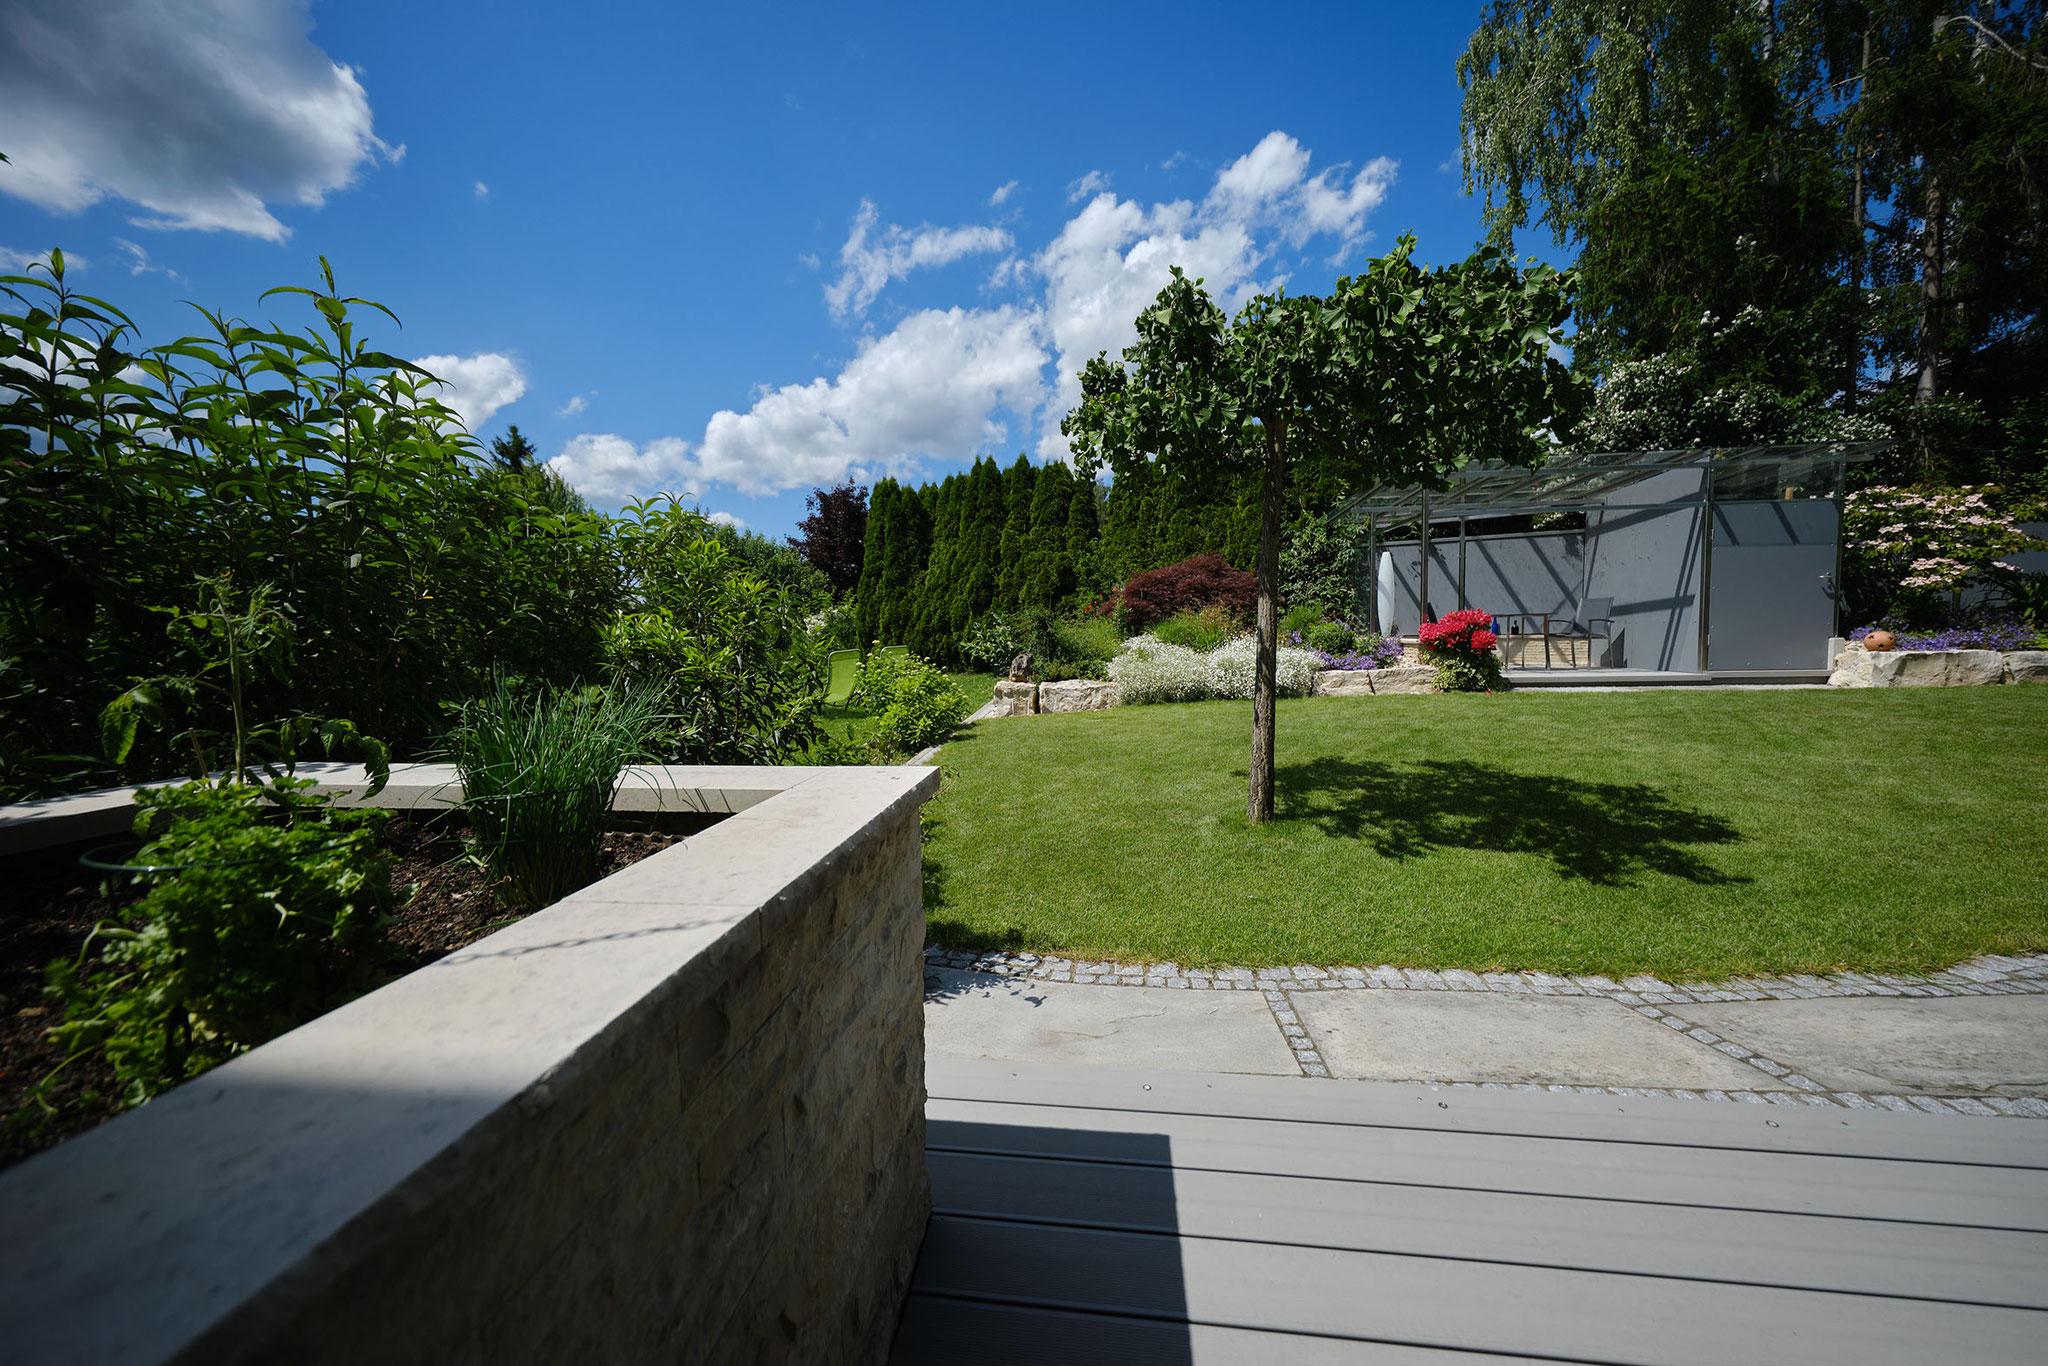 Das Hochbeet als Abschluss der neuen Terrassenerweiterung aus medit. Naturwerkstein